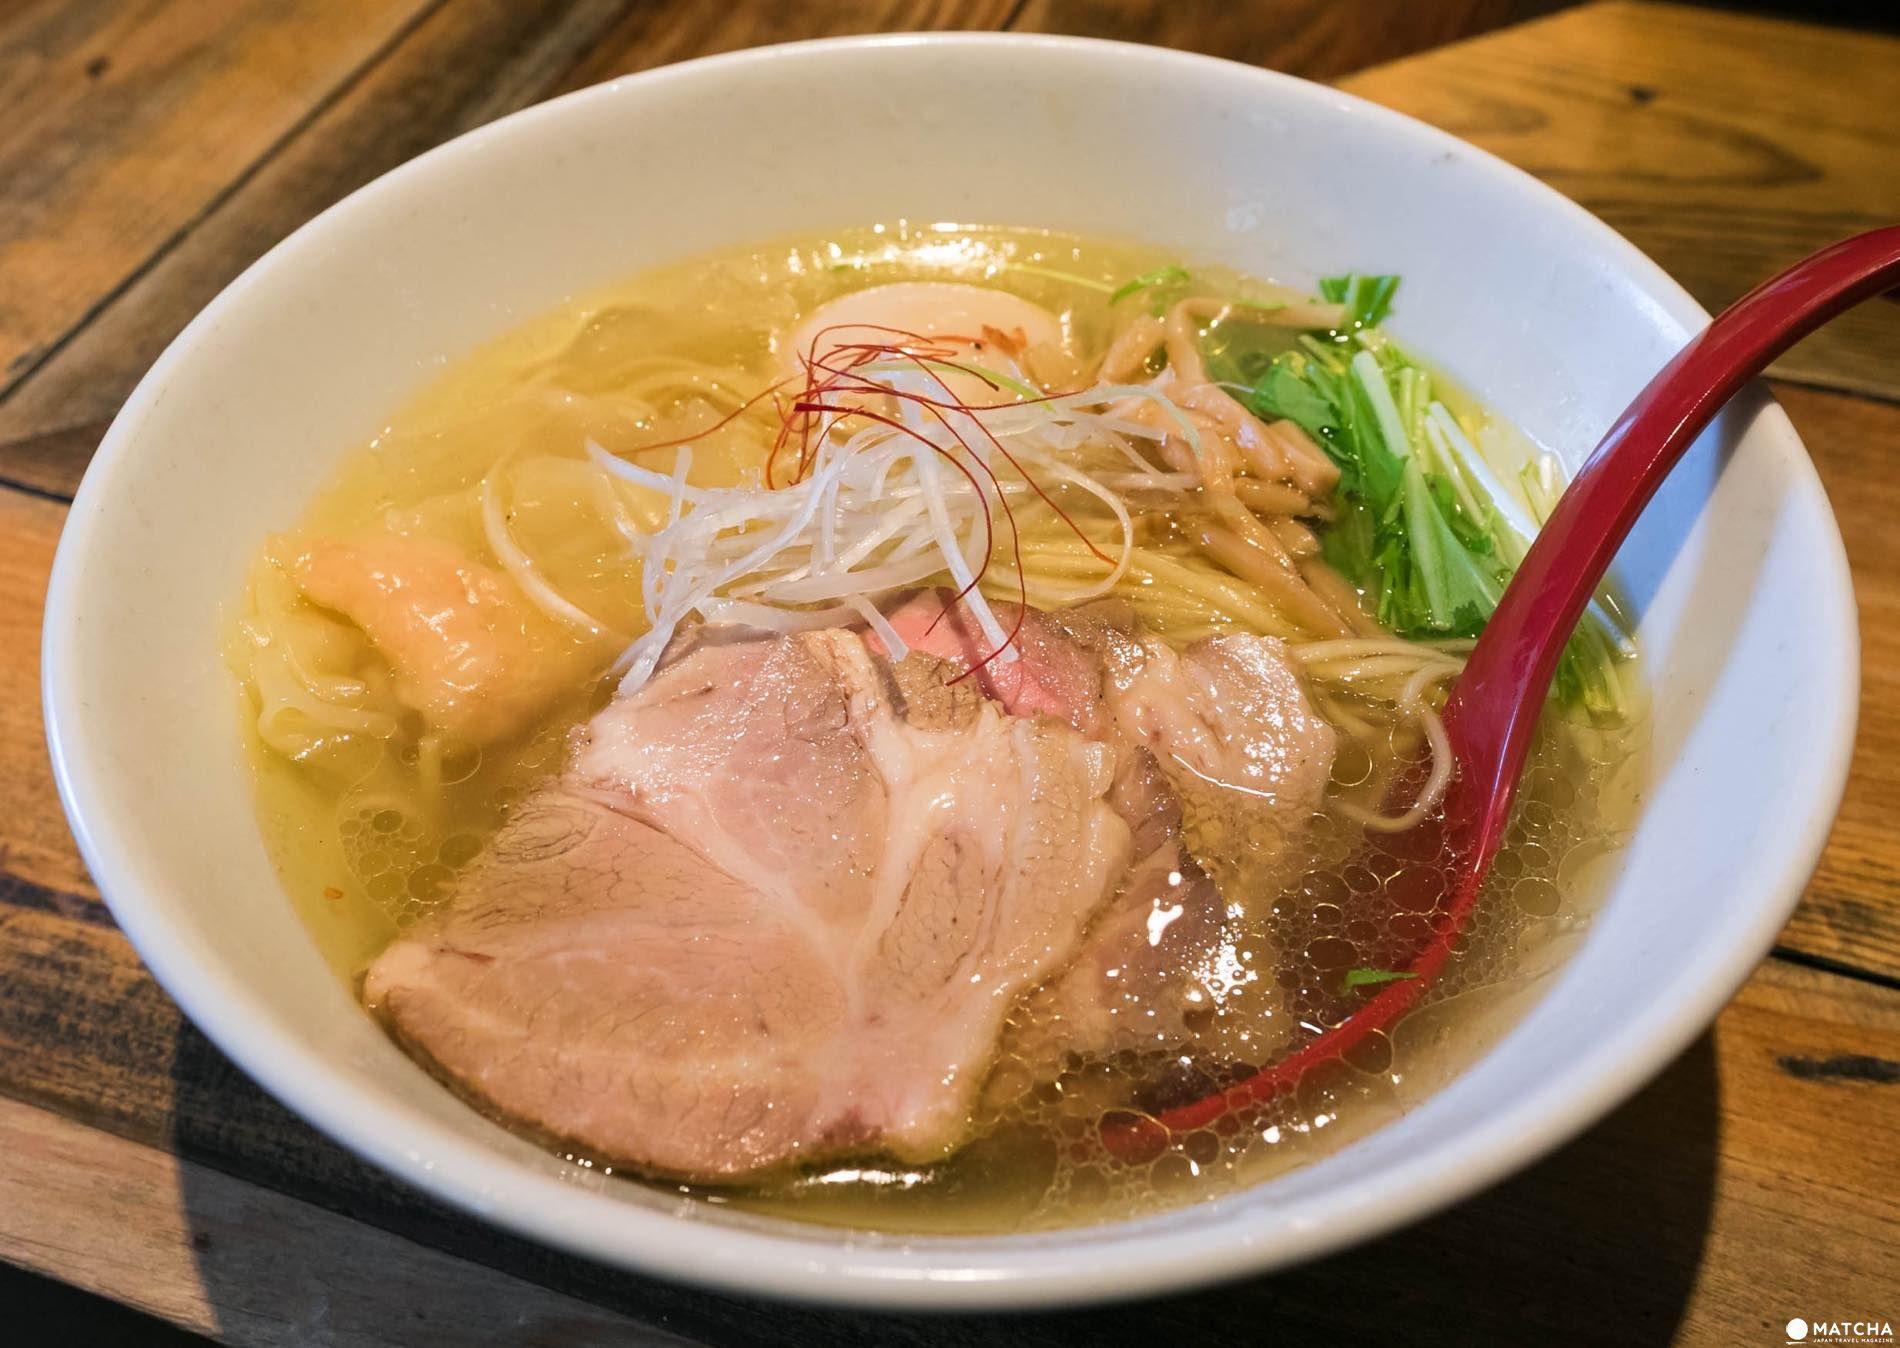 麺屋 翔の香味鶏だし特製塩らーめん¥990は、鶏ベースのスープが絶品。